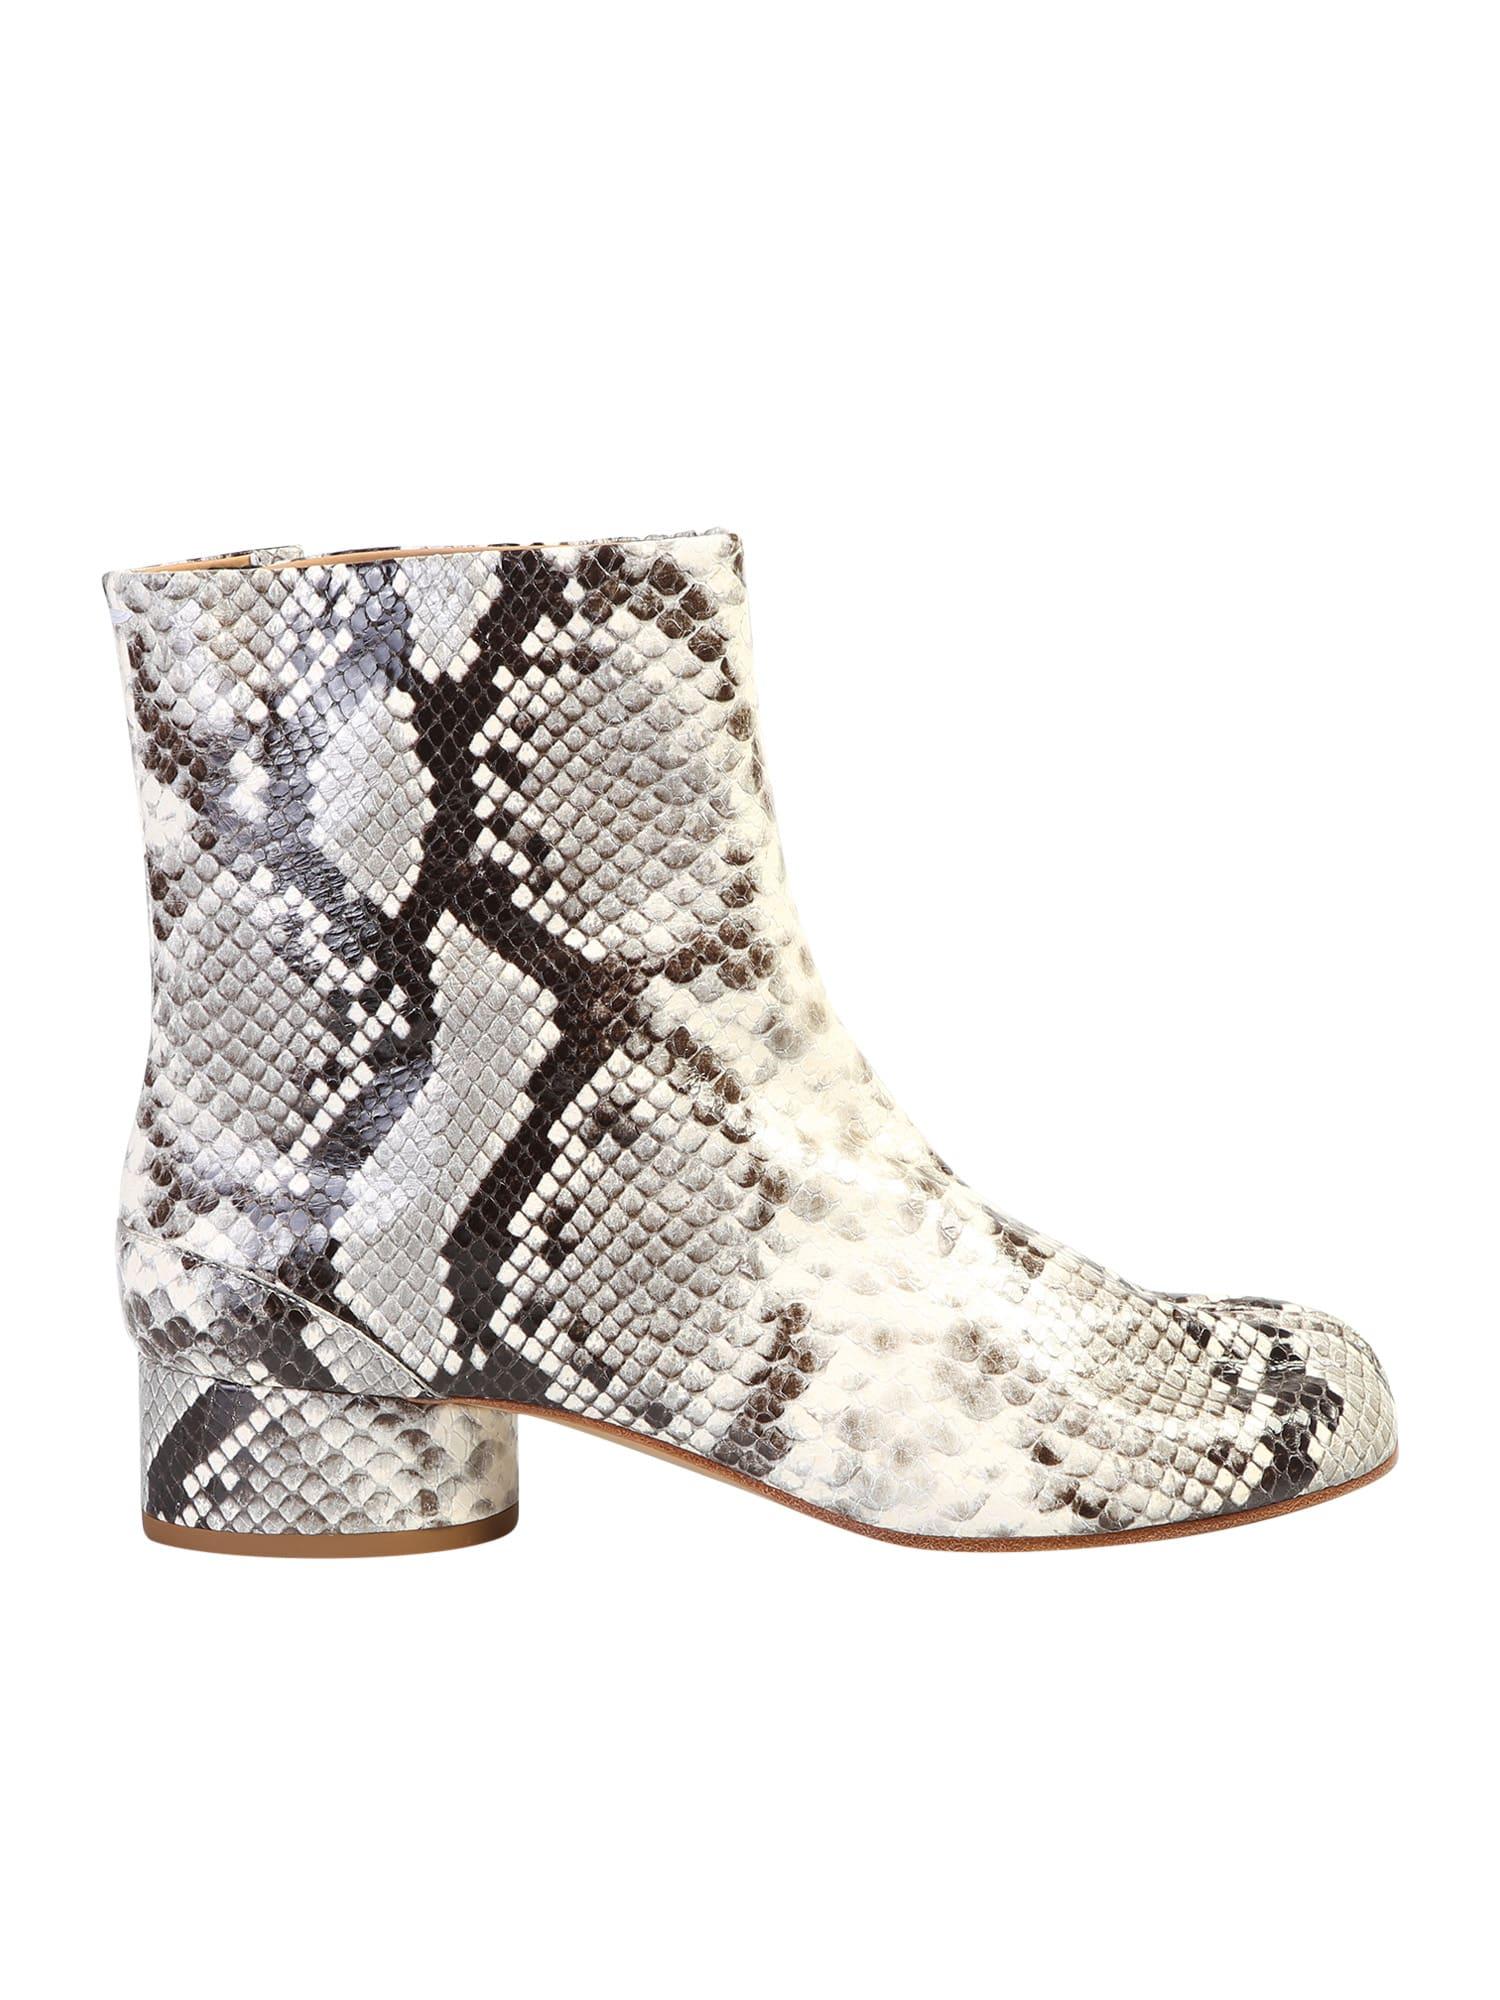 adc2fa266a9 Maison Margiela Tabi Snakeskin Print Ankle Boots